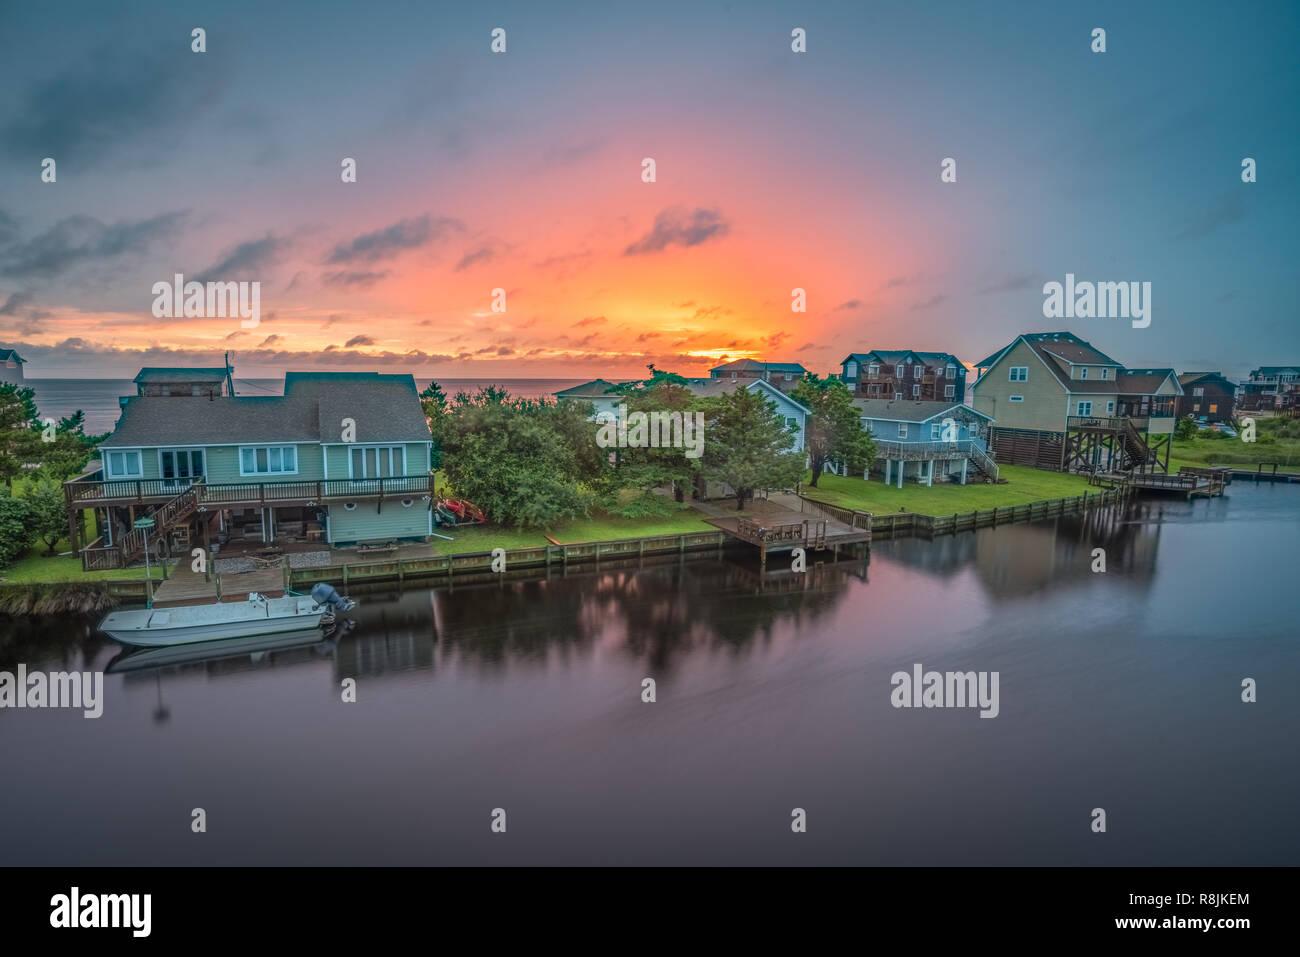 Il sole tramonta dietro una fila di waterfront cottage sui Hatteras Island, NC. Foto Stock